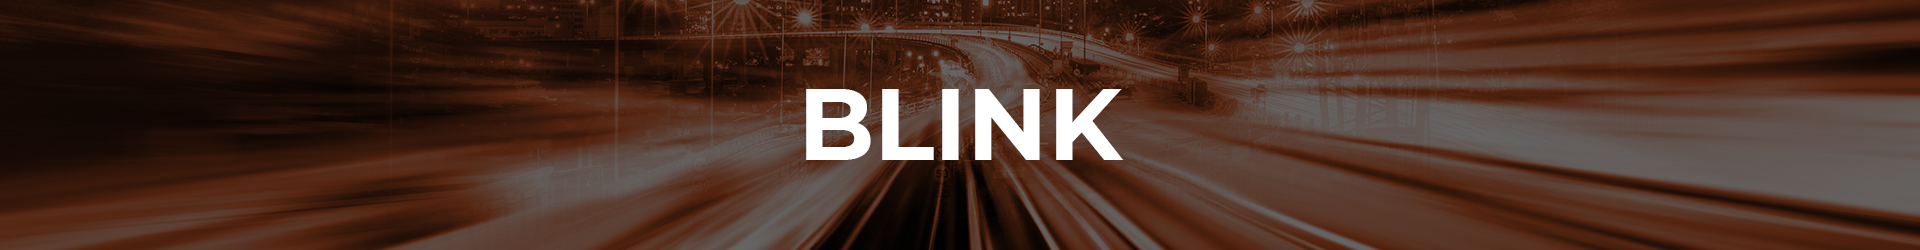 Blink for NetSuite